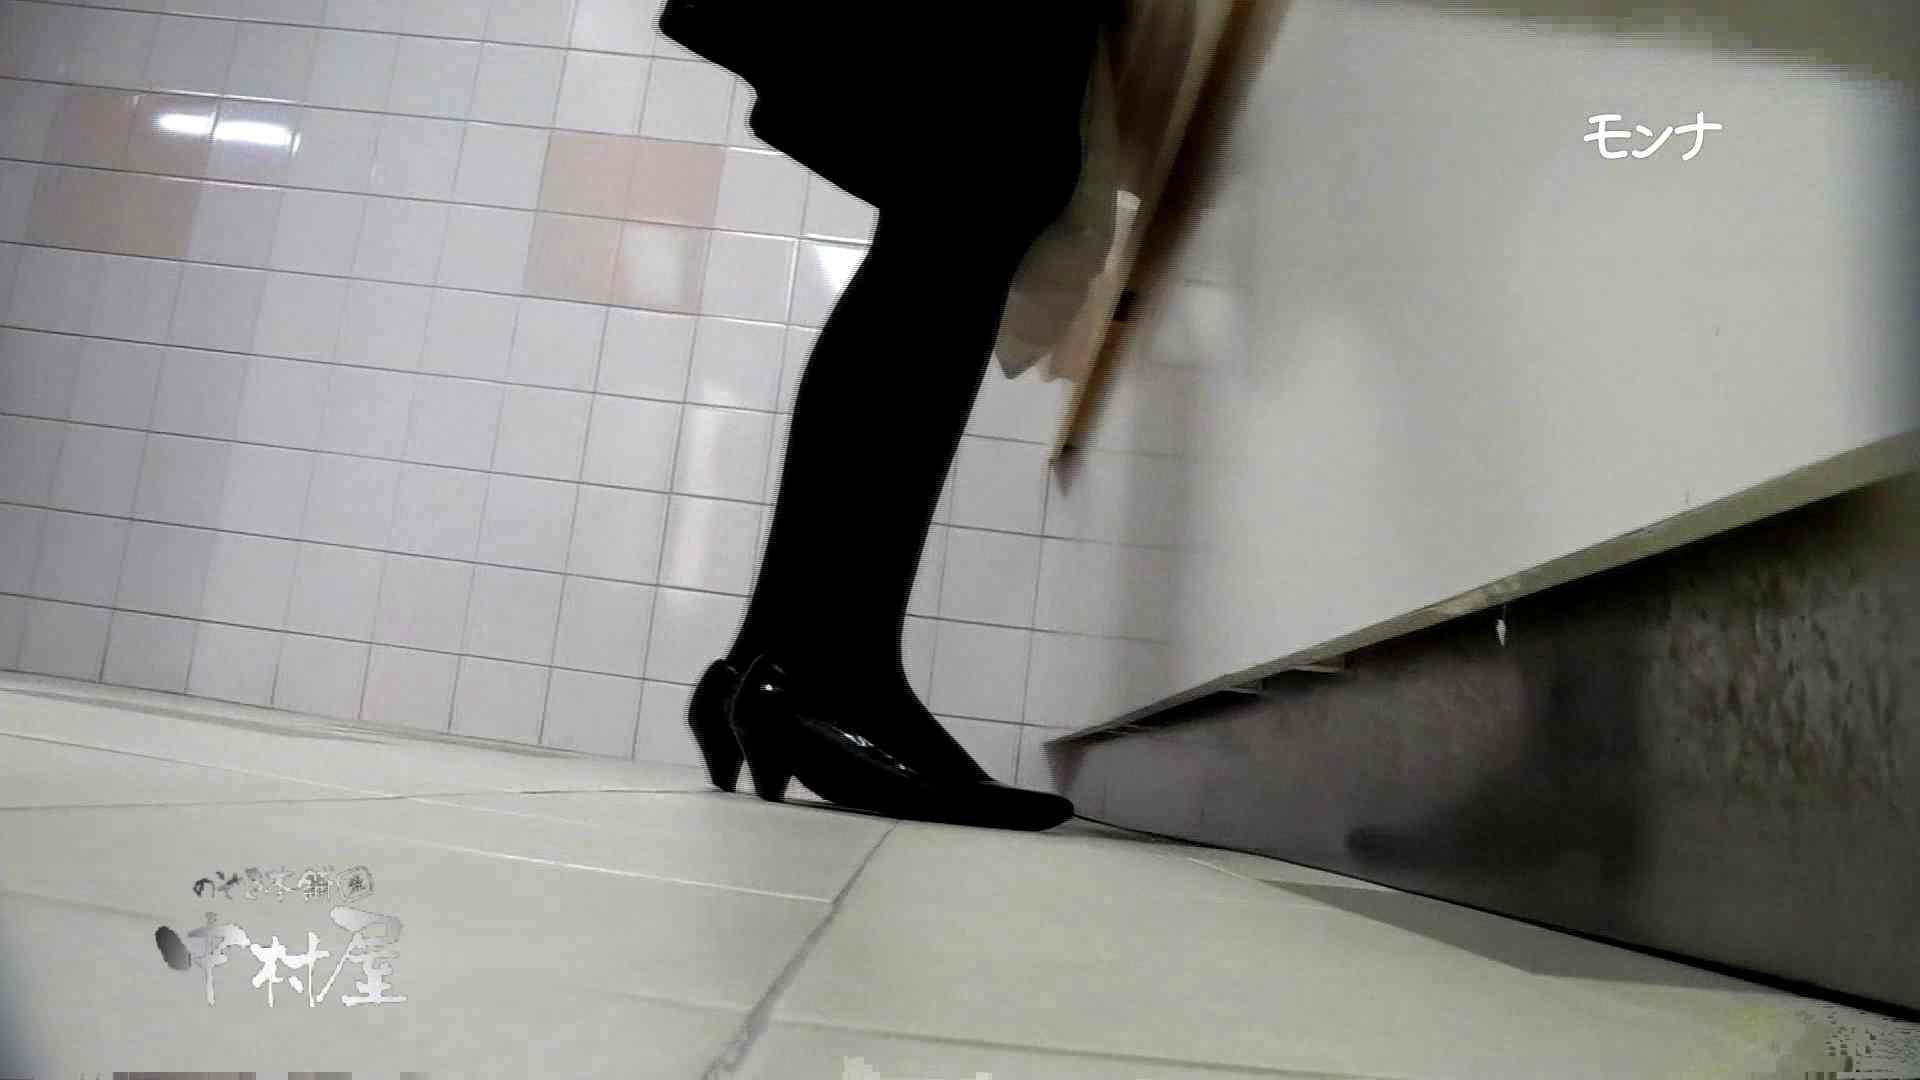 【美しい日本の未来】新学期!!下半身中心に攻めてます美女可愛い女子悪戯盗satuトイレ後編 美女まとめ  100PIX 16